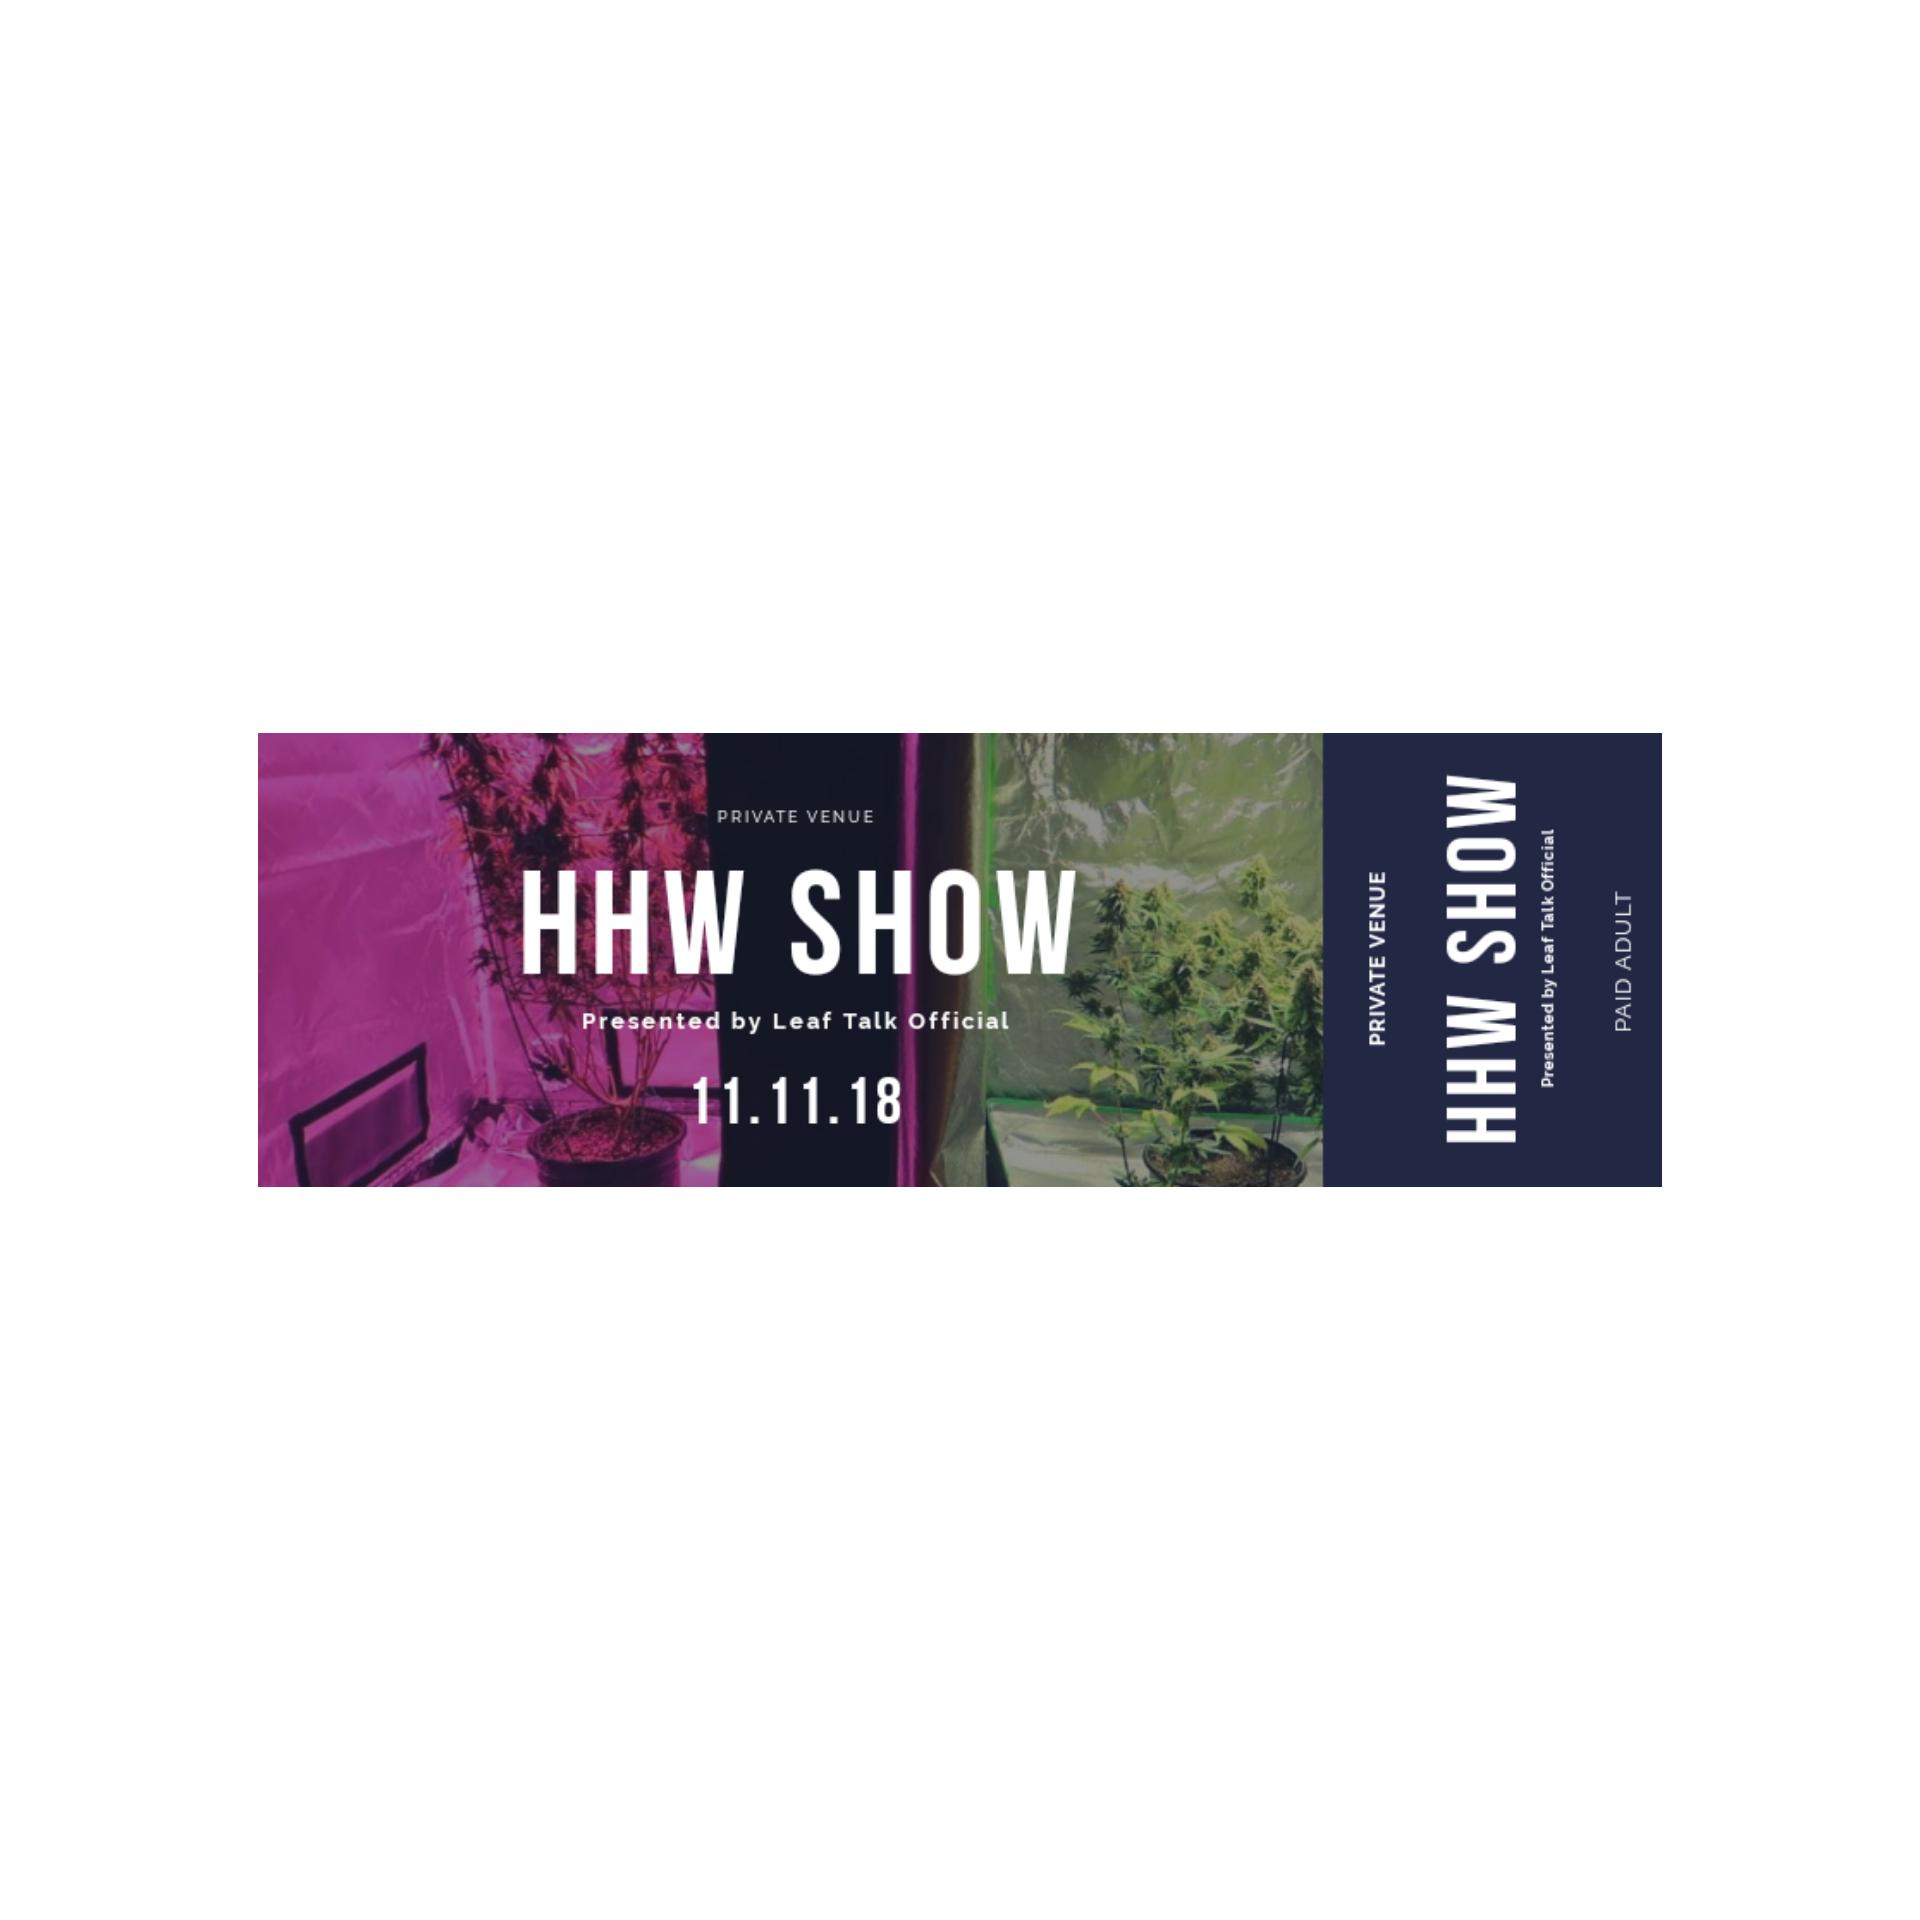 HHW Show